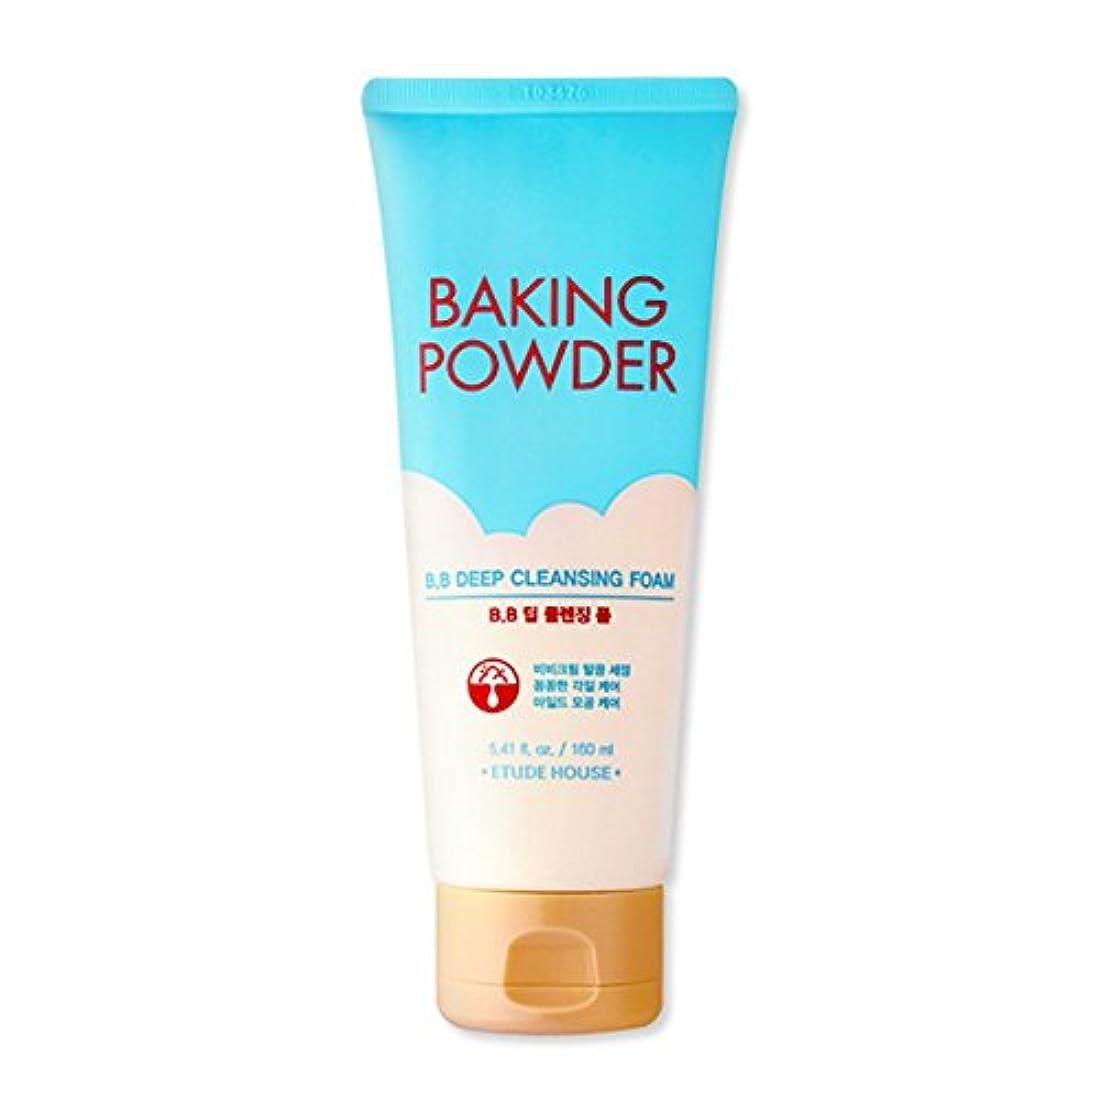 リア王取り扱いペルソナ[2016 Upgrade!] ETUDE HOUSE Baking Powder B.B Deep Cleansing Foam 160ml/エチュードハウス ベーキング パウダー B.B ディープ クレンジング フォーム...